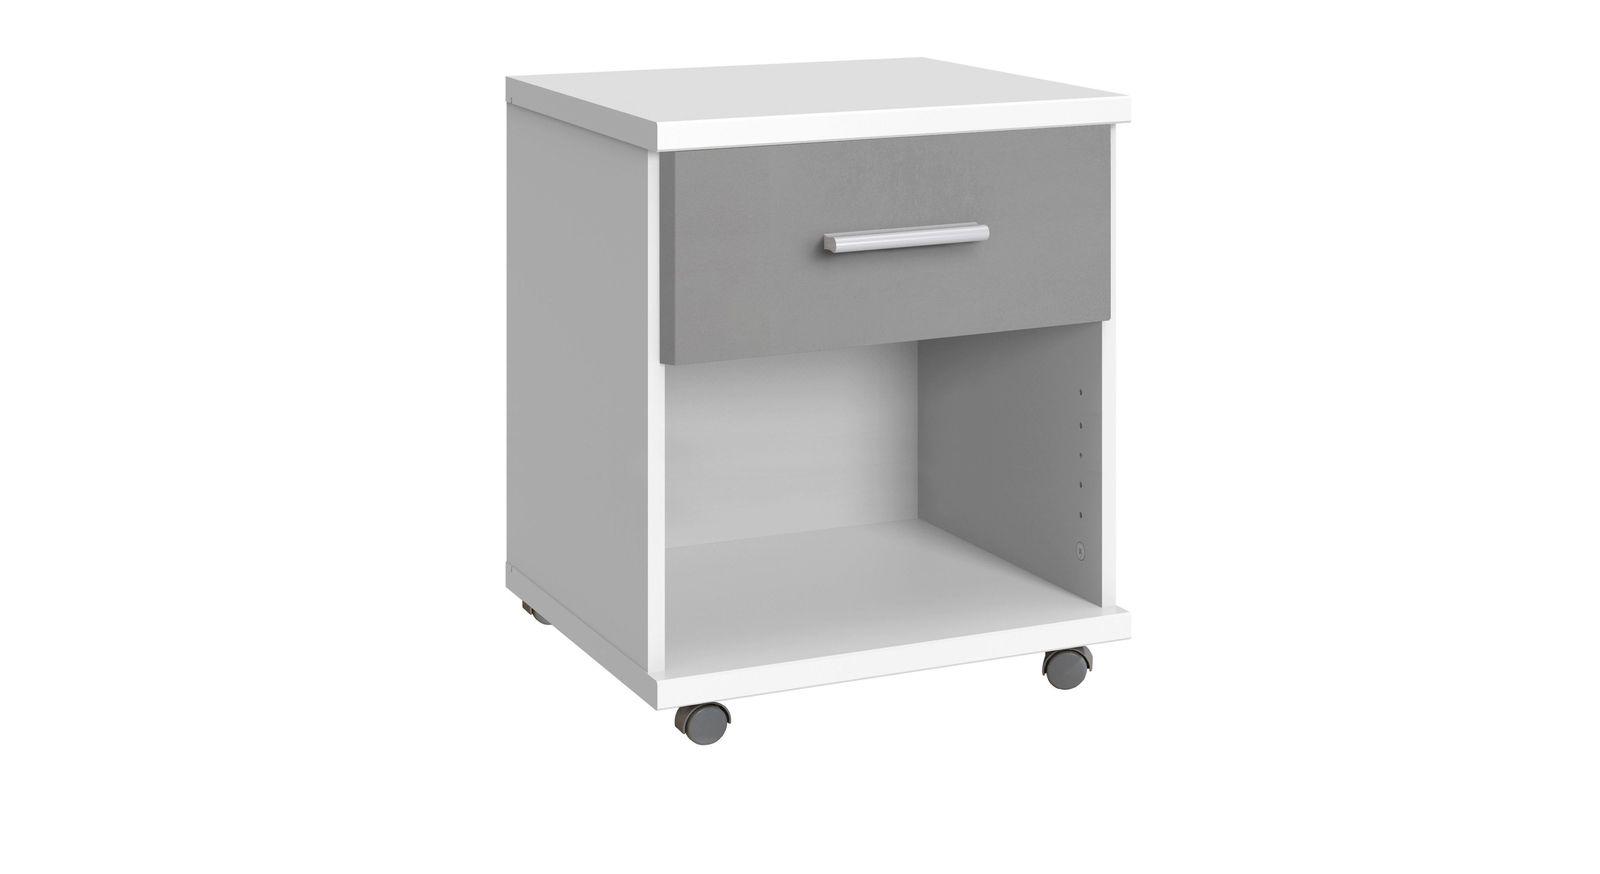 Rollcontainer Porvenir mit leichtgängiger Schublade